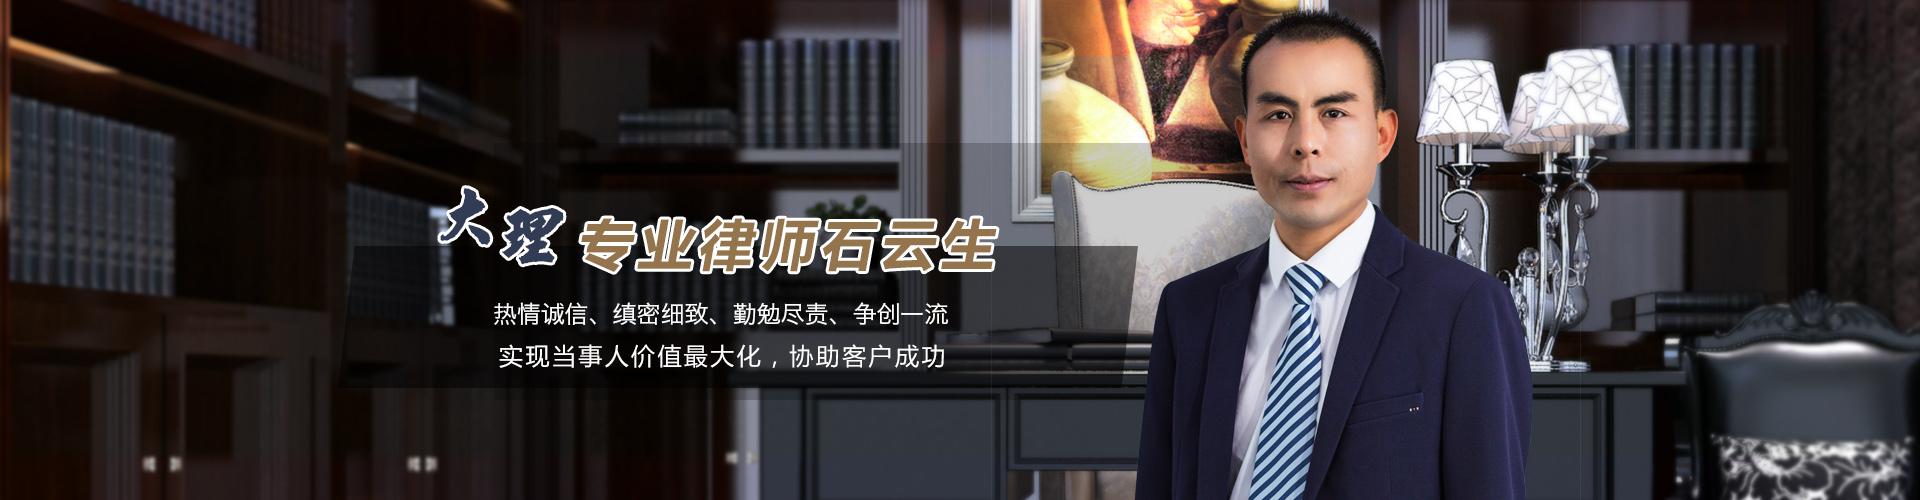 石云生banner